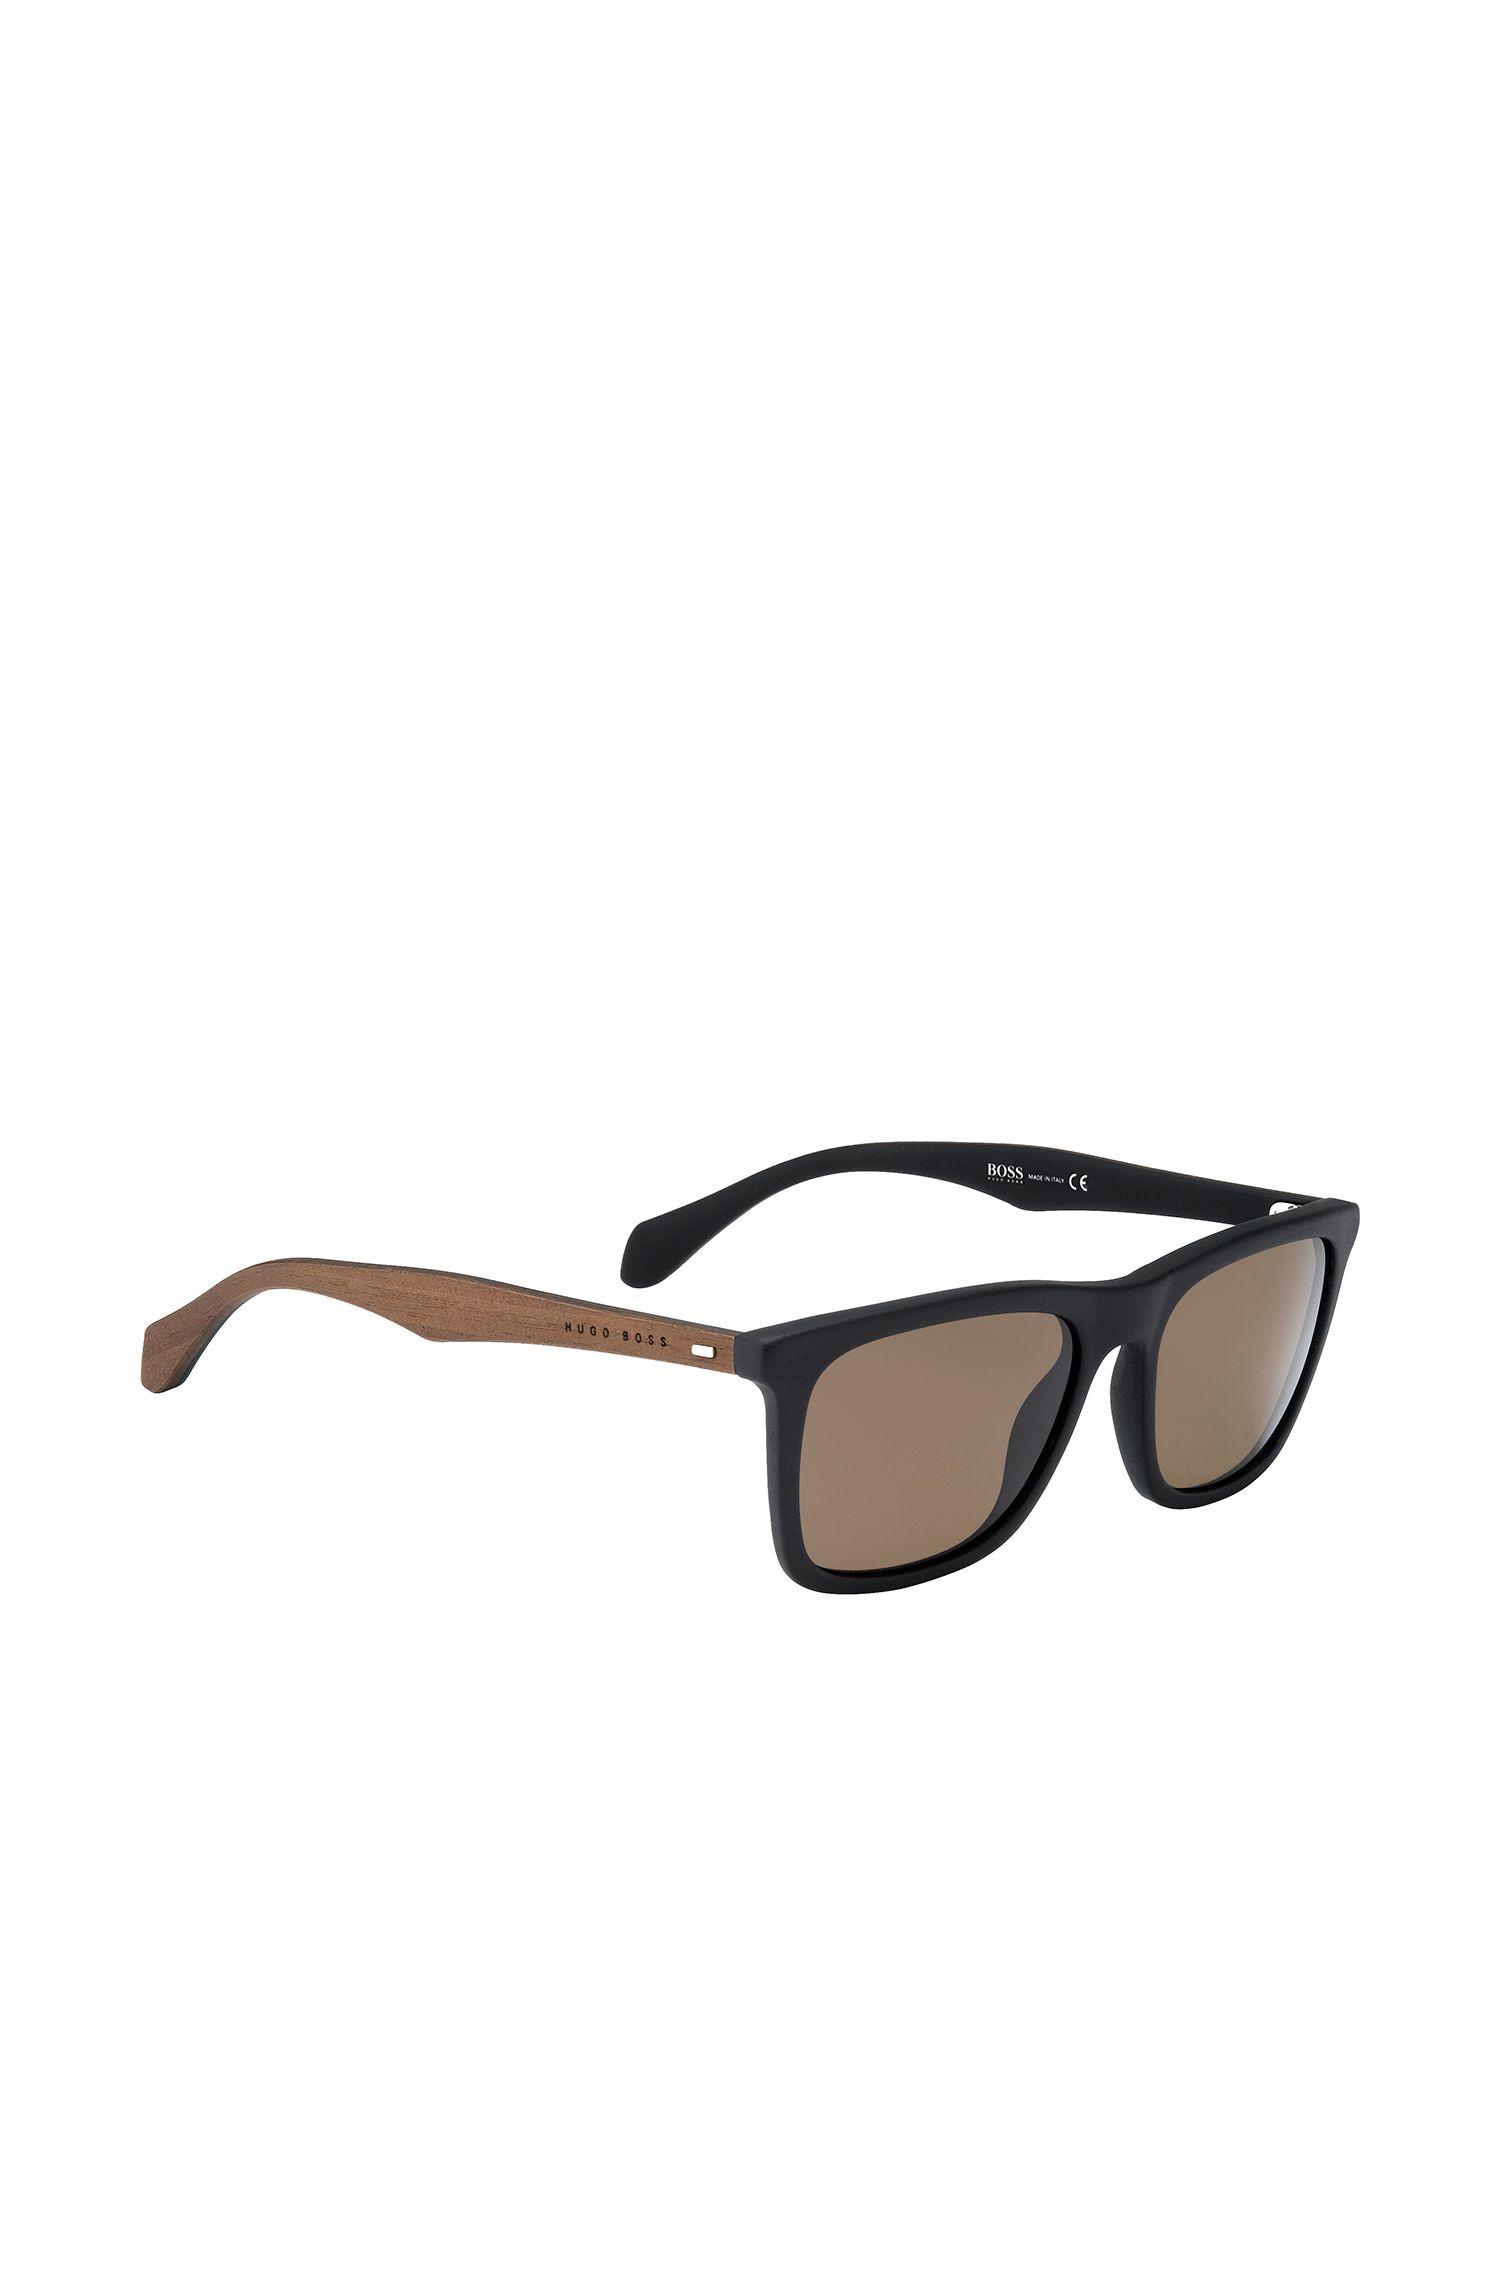 'BOSS 0776S' | Bronze Polar Lens Rectangular Sunglasses